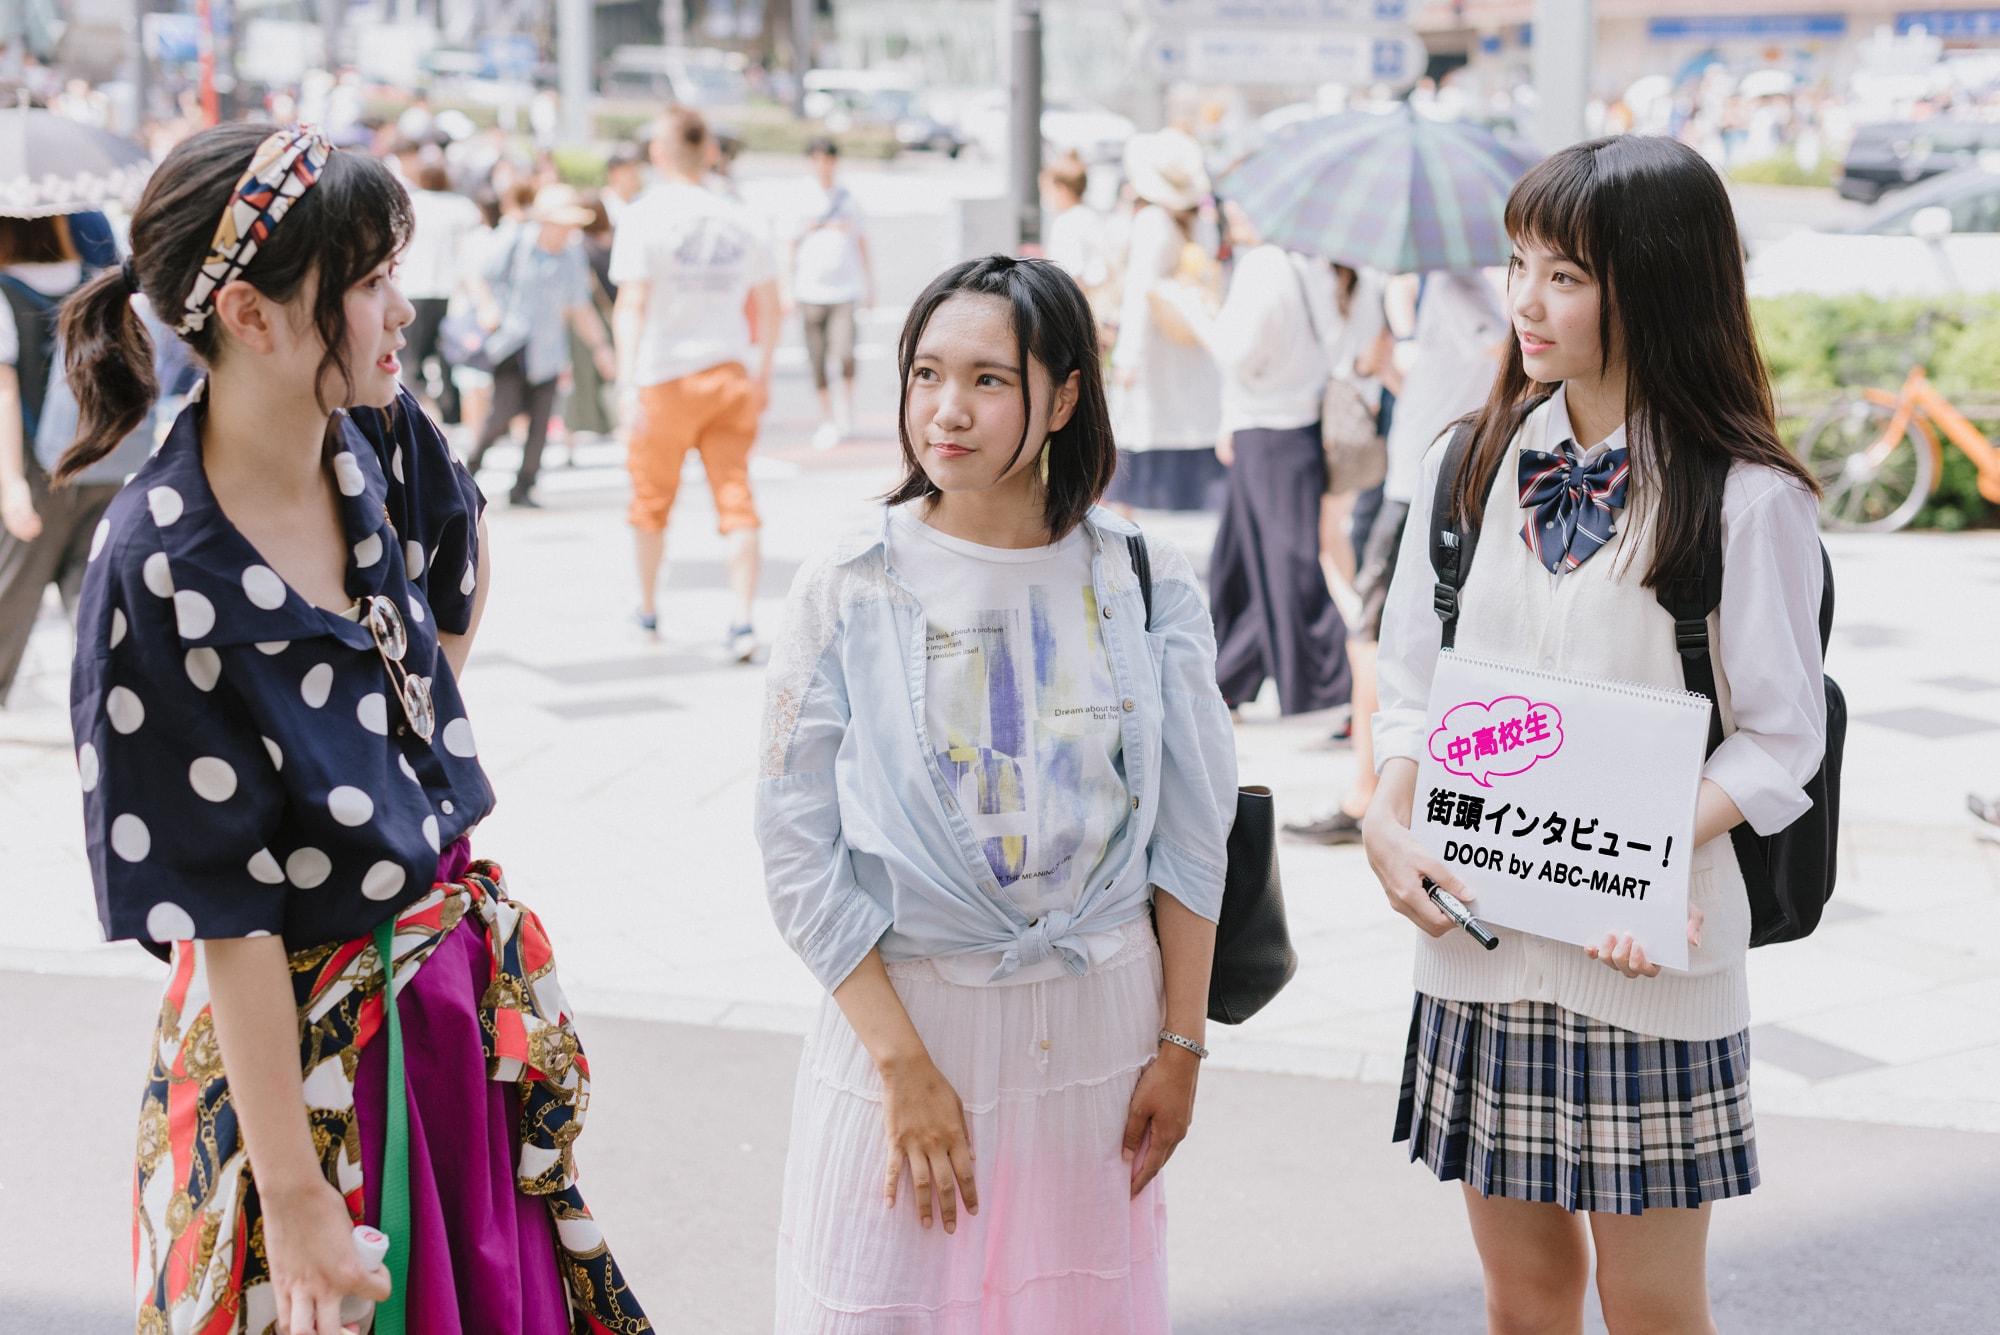 女子高生の最新ファッショントレンドをチェック!モデル・佐久間乃愛ちゃんによる街頭